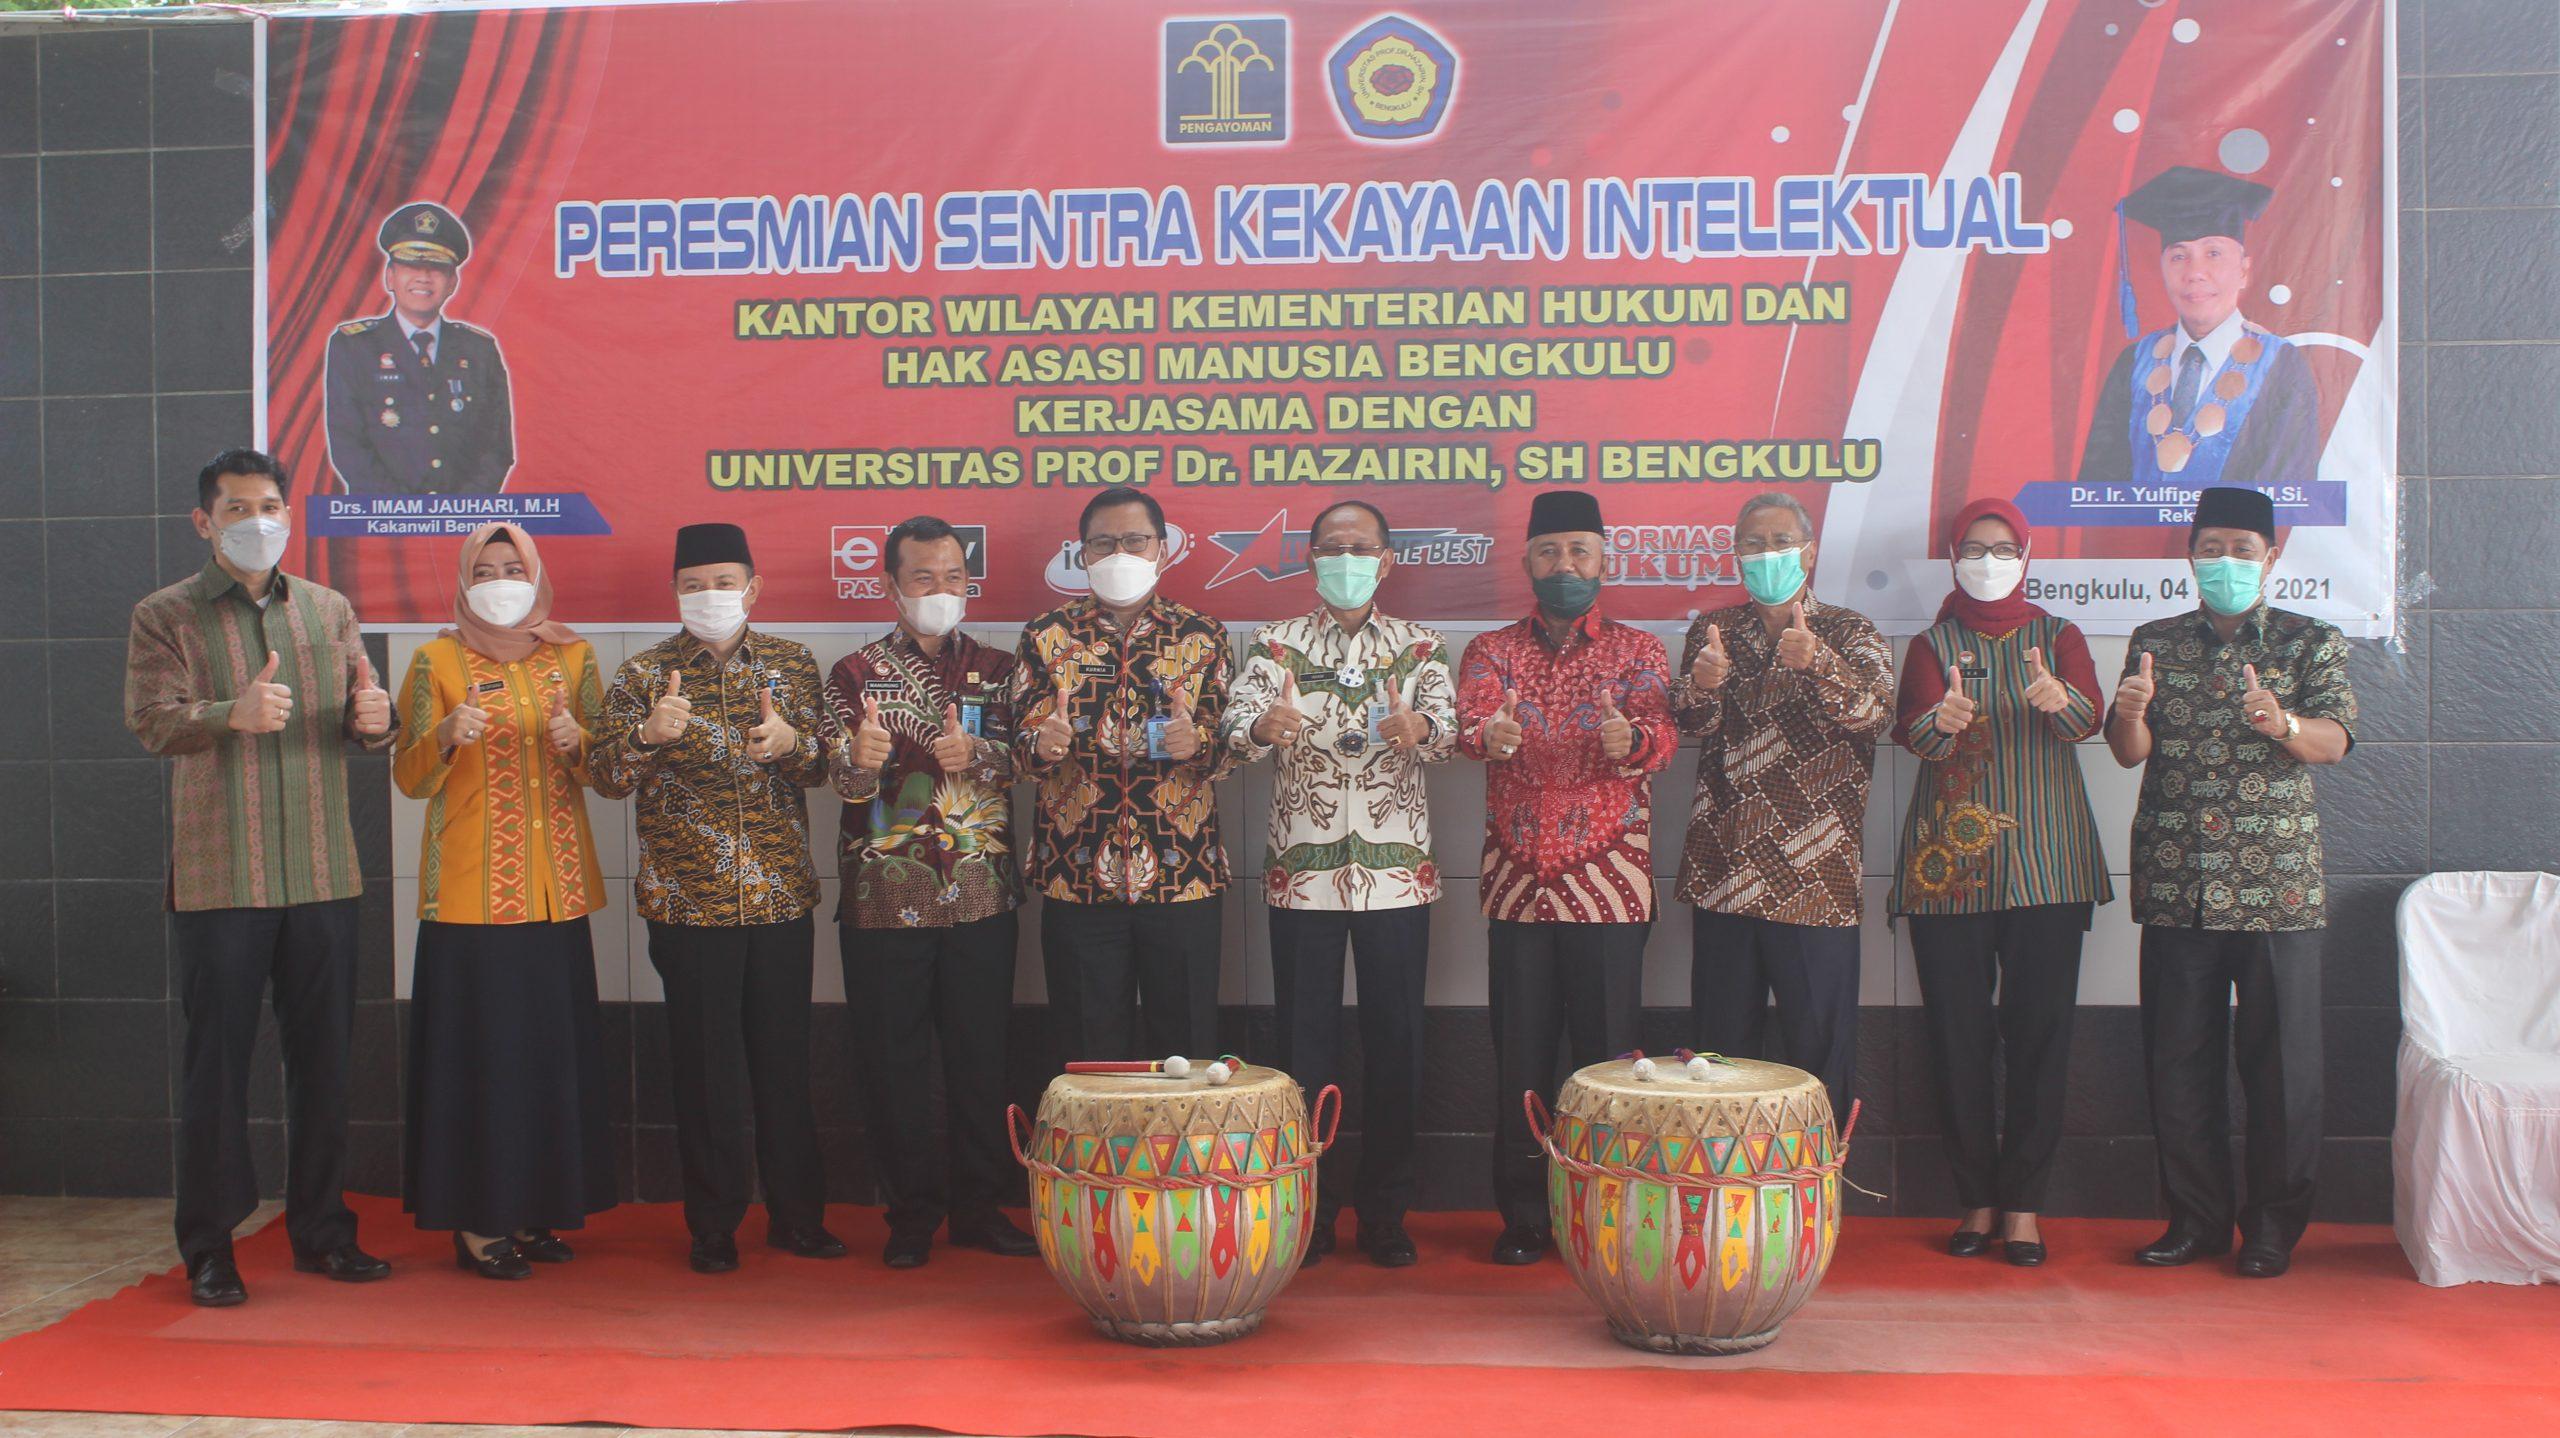 Kemenkumham Bengkulu meresmikan Sentral Hak atas Kekayaan Intelektual (HKI) di Universitas